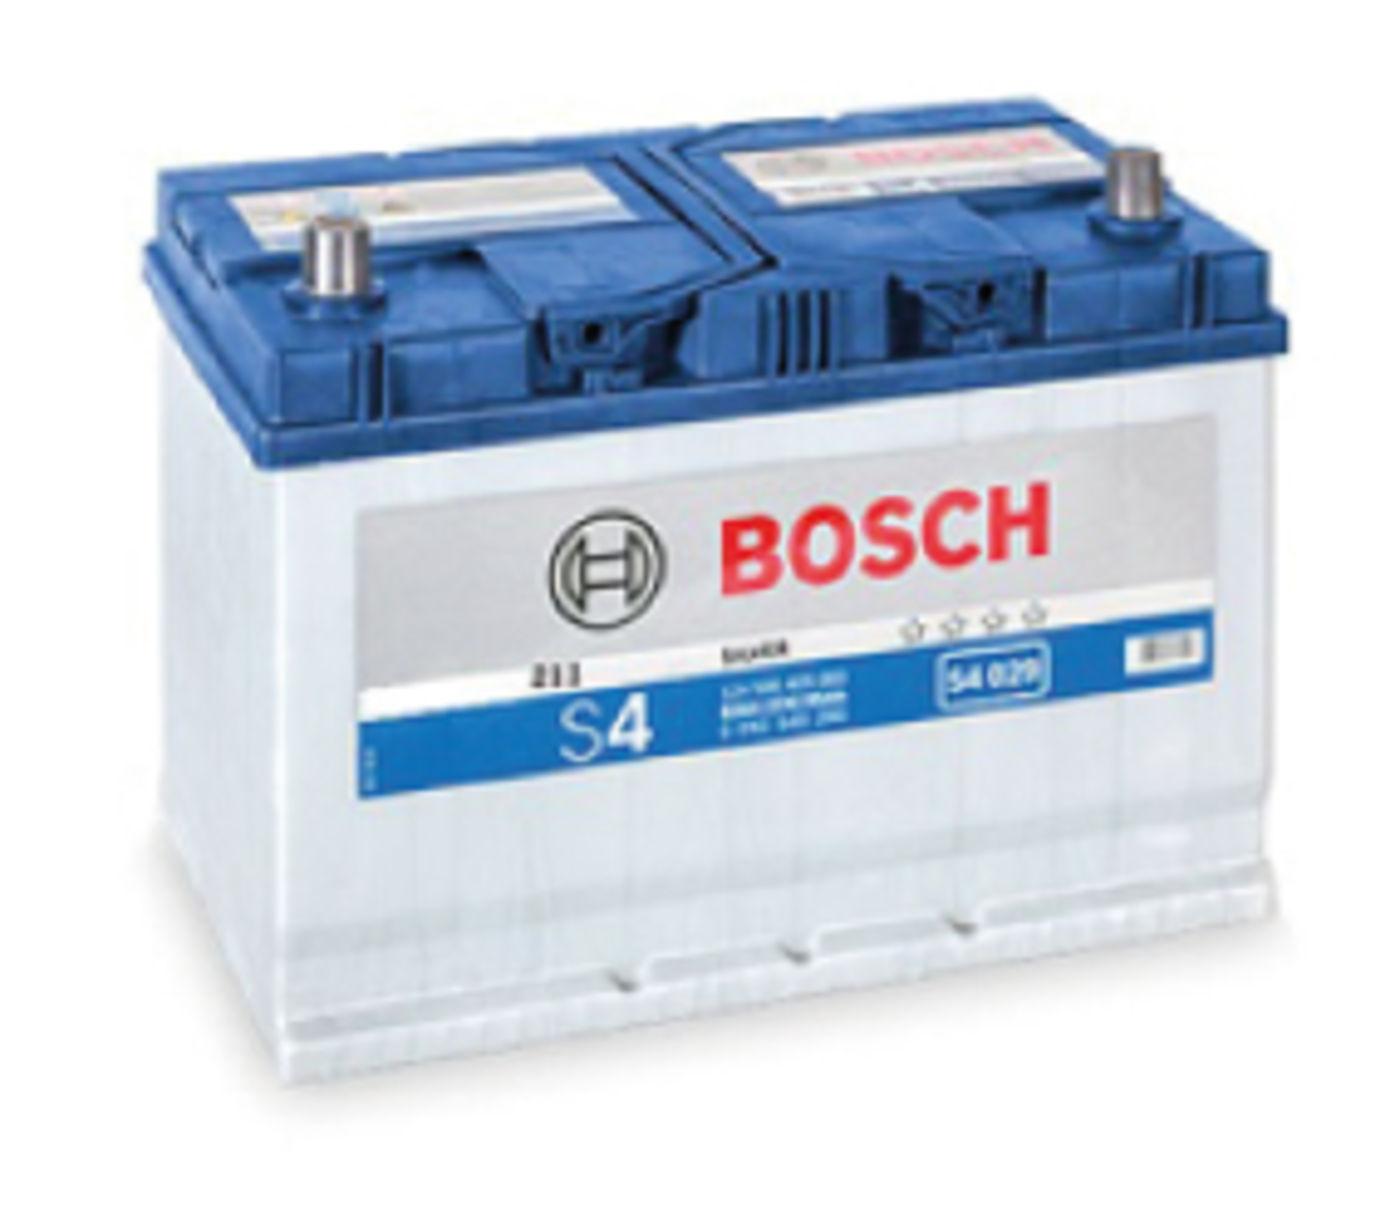 Bosch NS40 FE LM